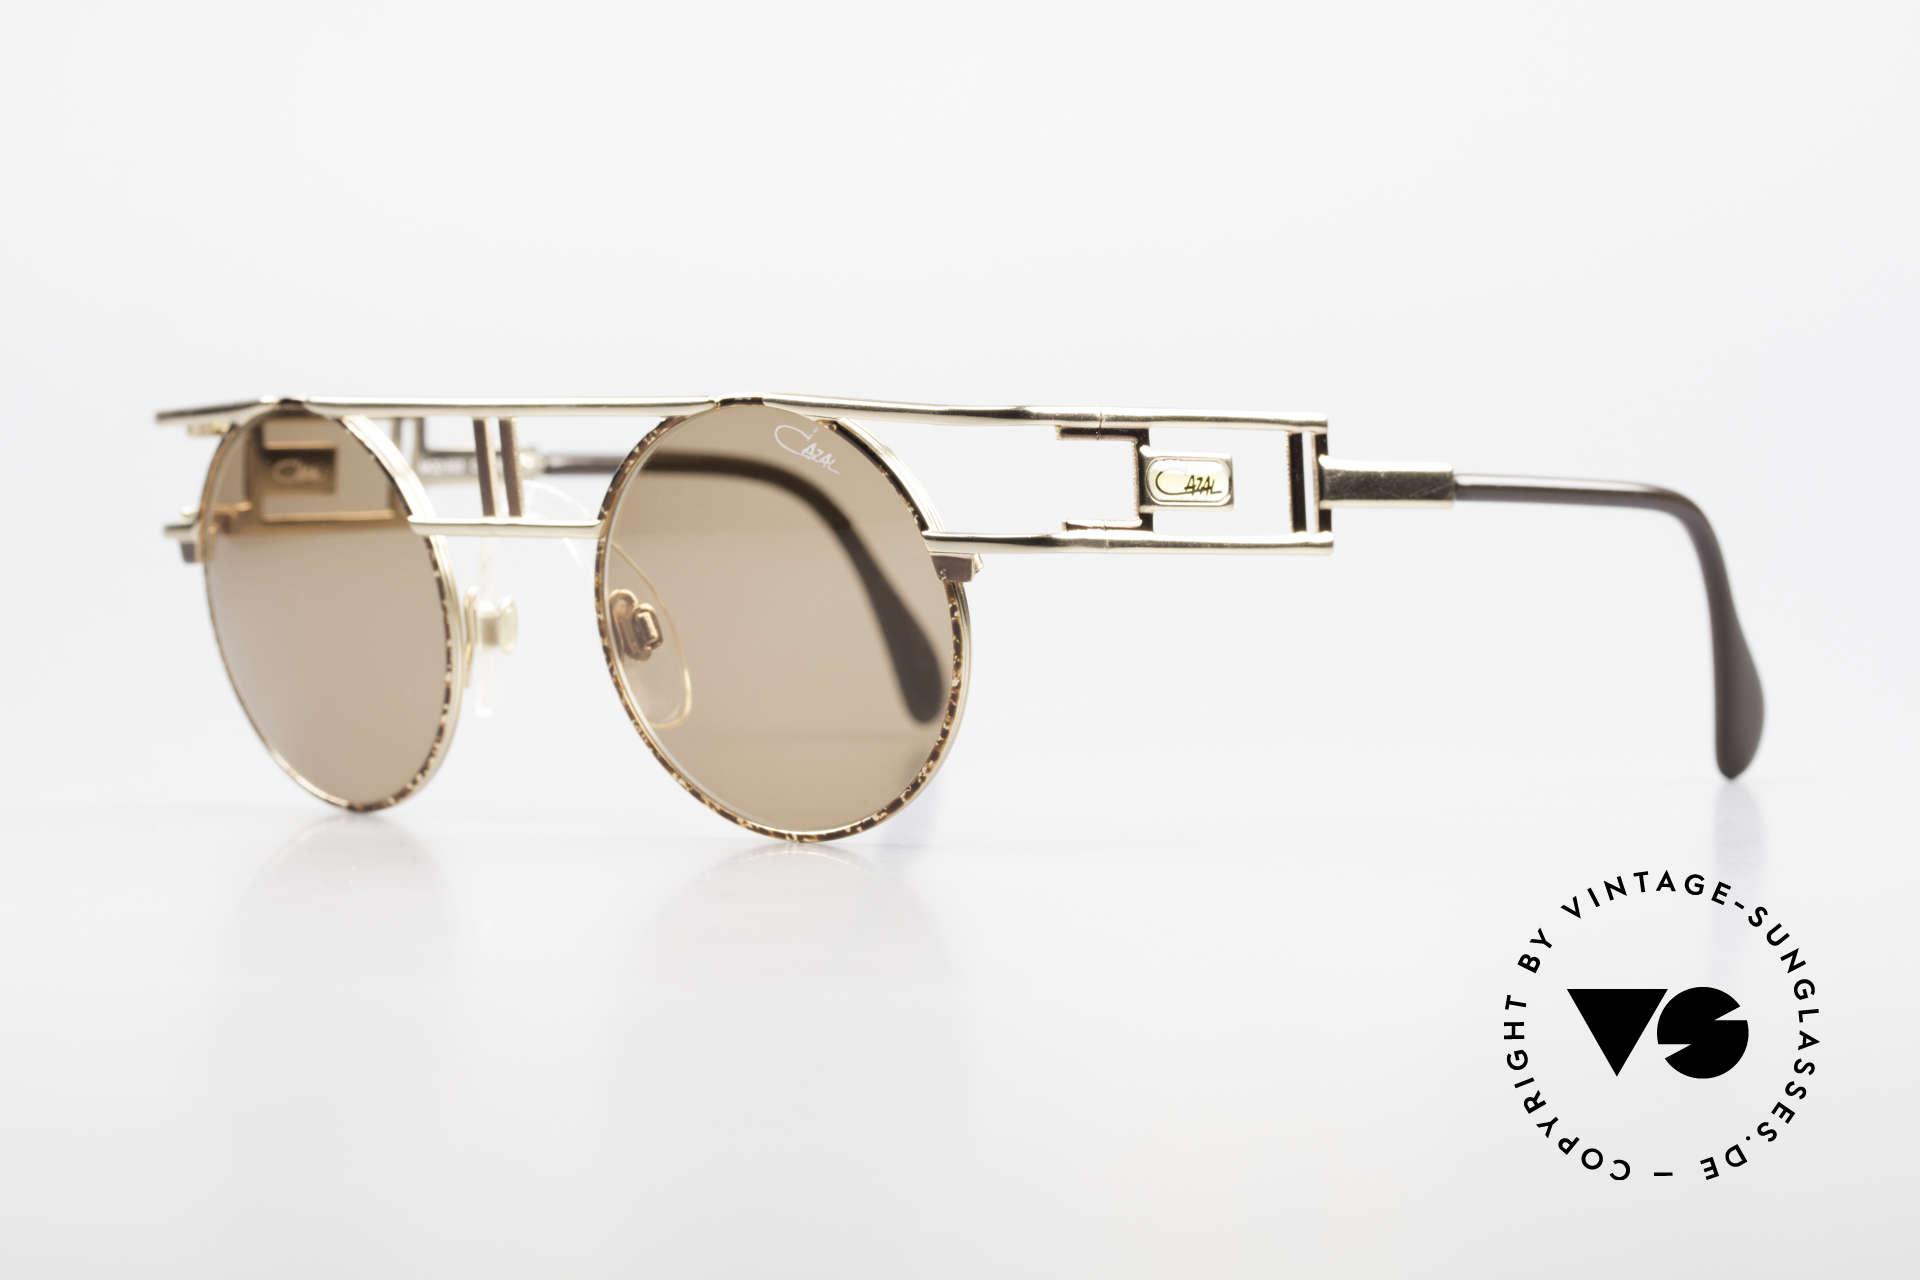 Cazal 958 90er Cazal Promi Vintage Brille, 958 = ebenso getragen von Beyoncé im Jahre 2012, Passend für Herren und Damen